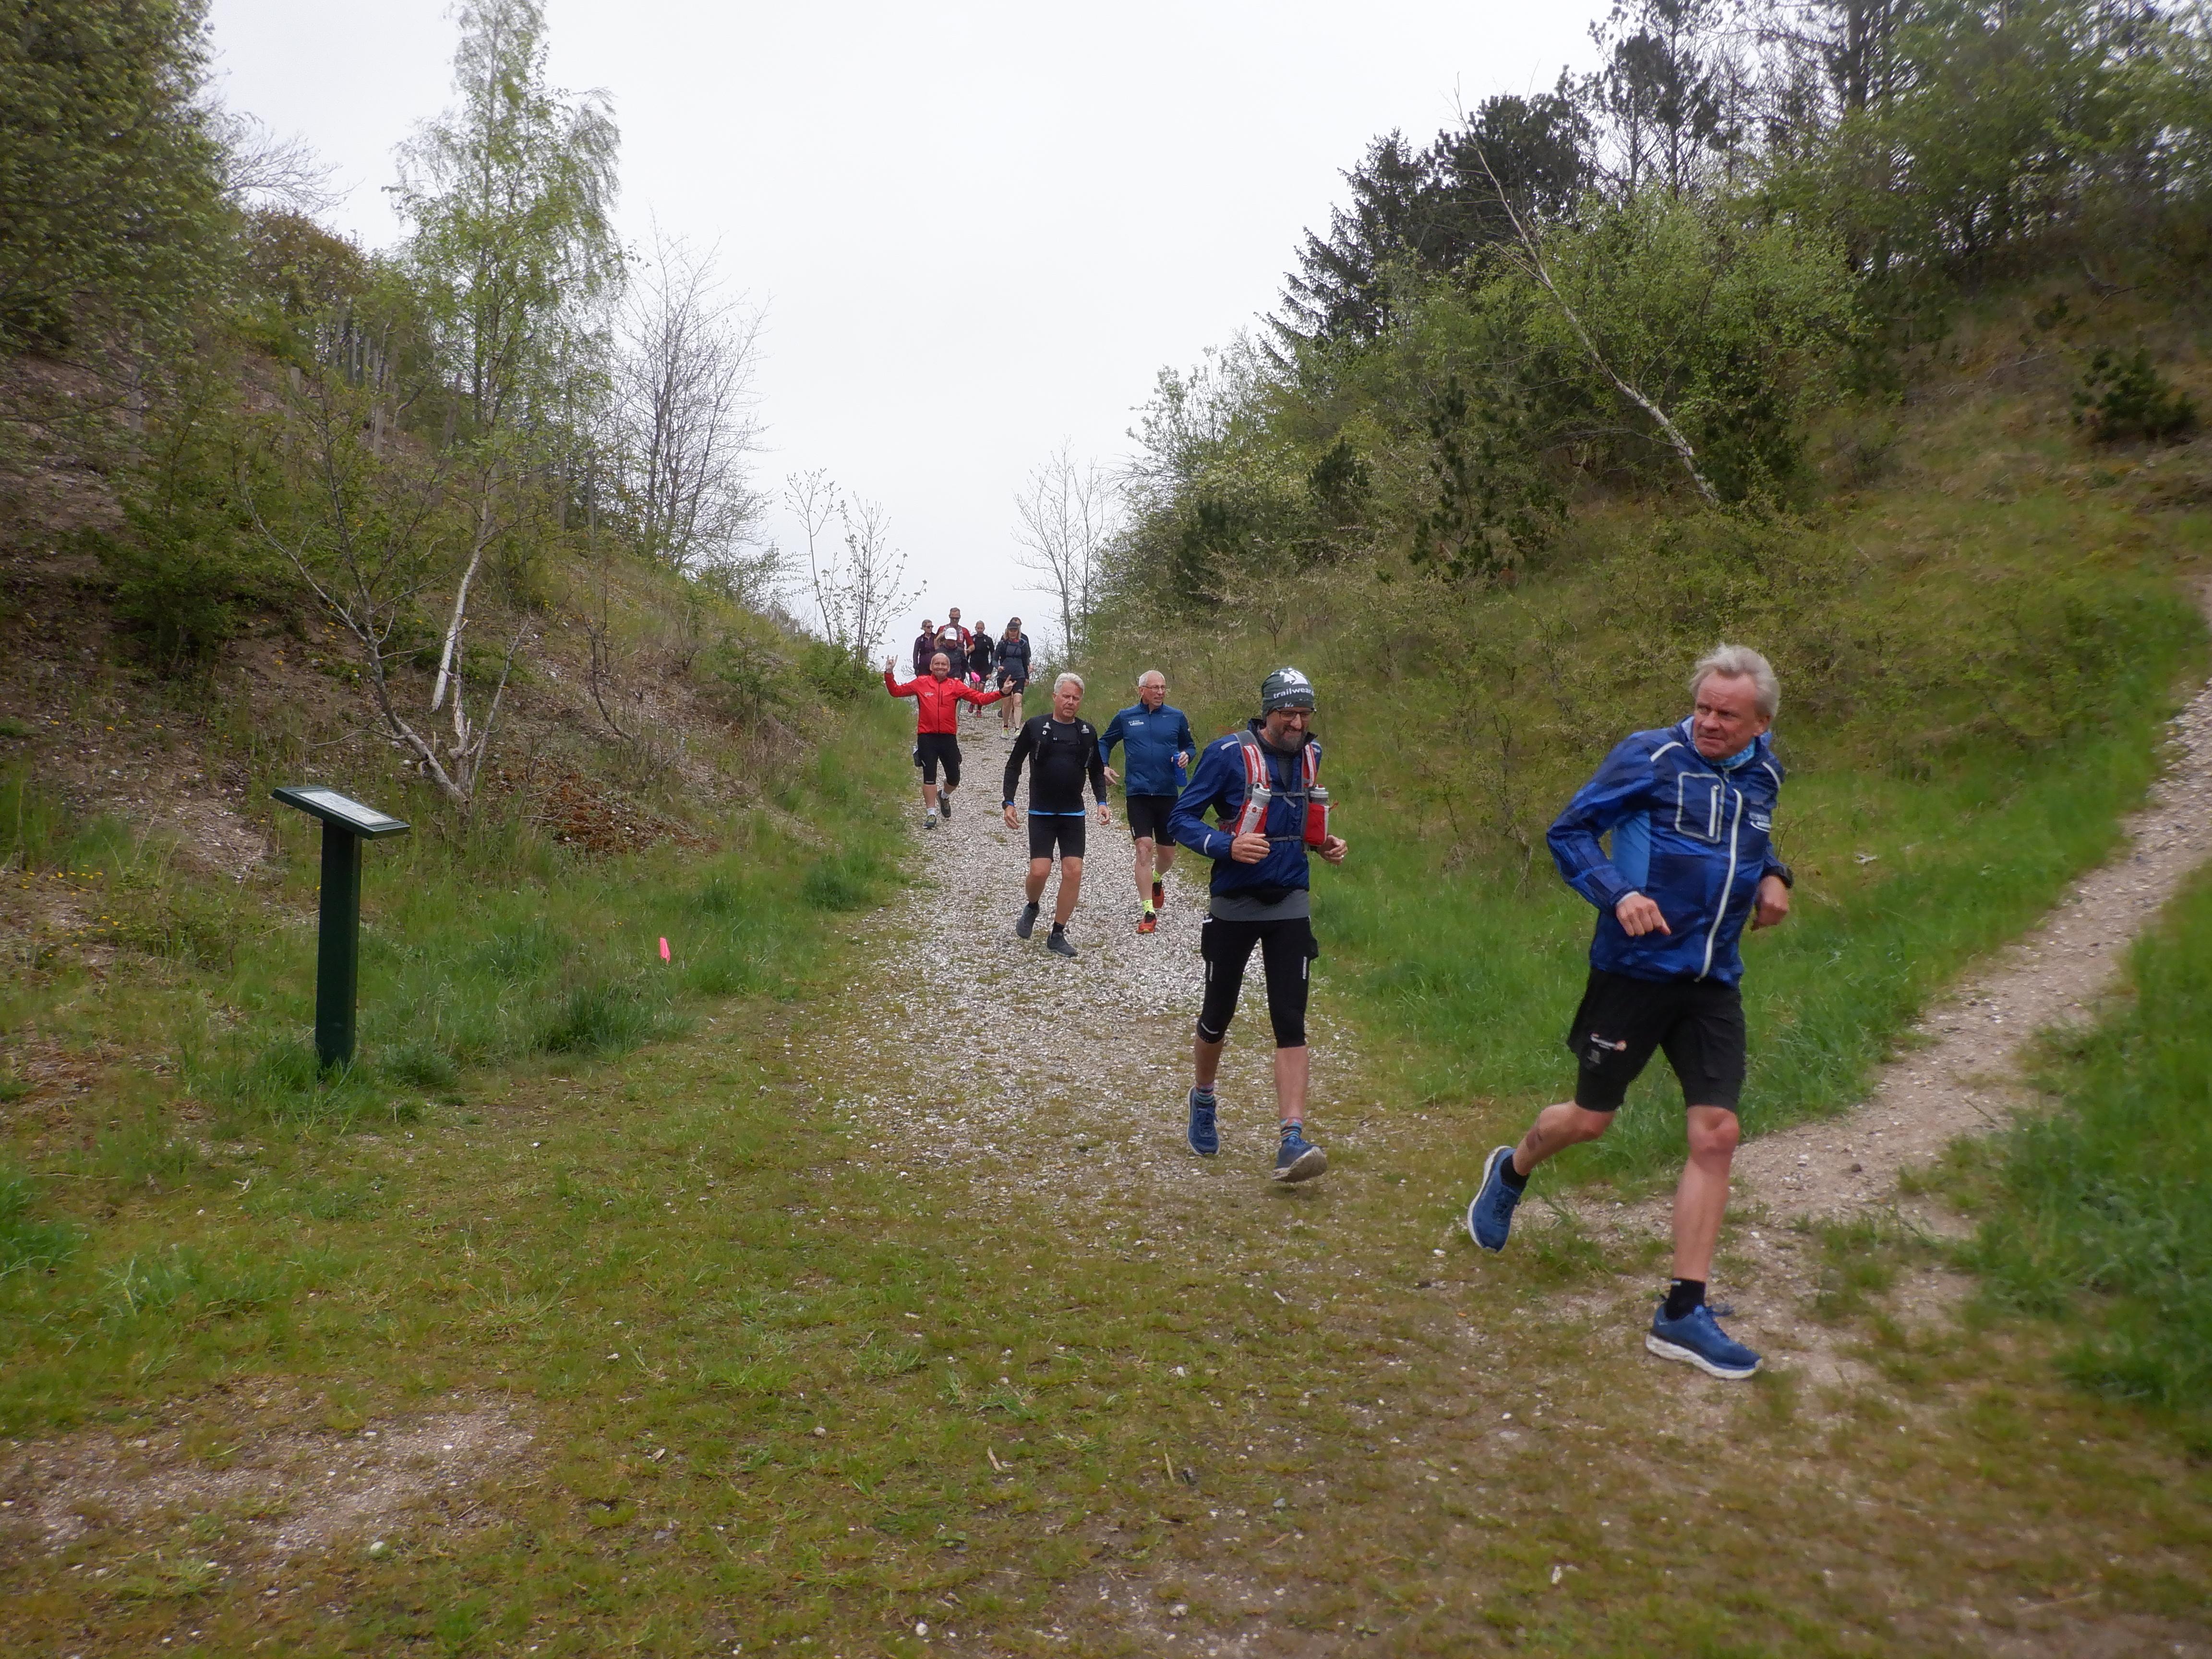 Løbere der løber ned ad bakke